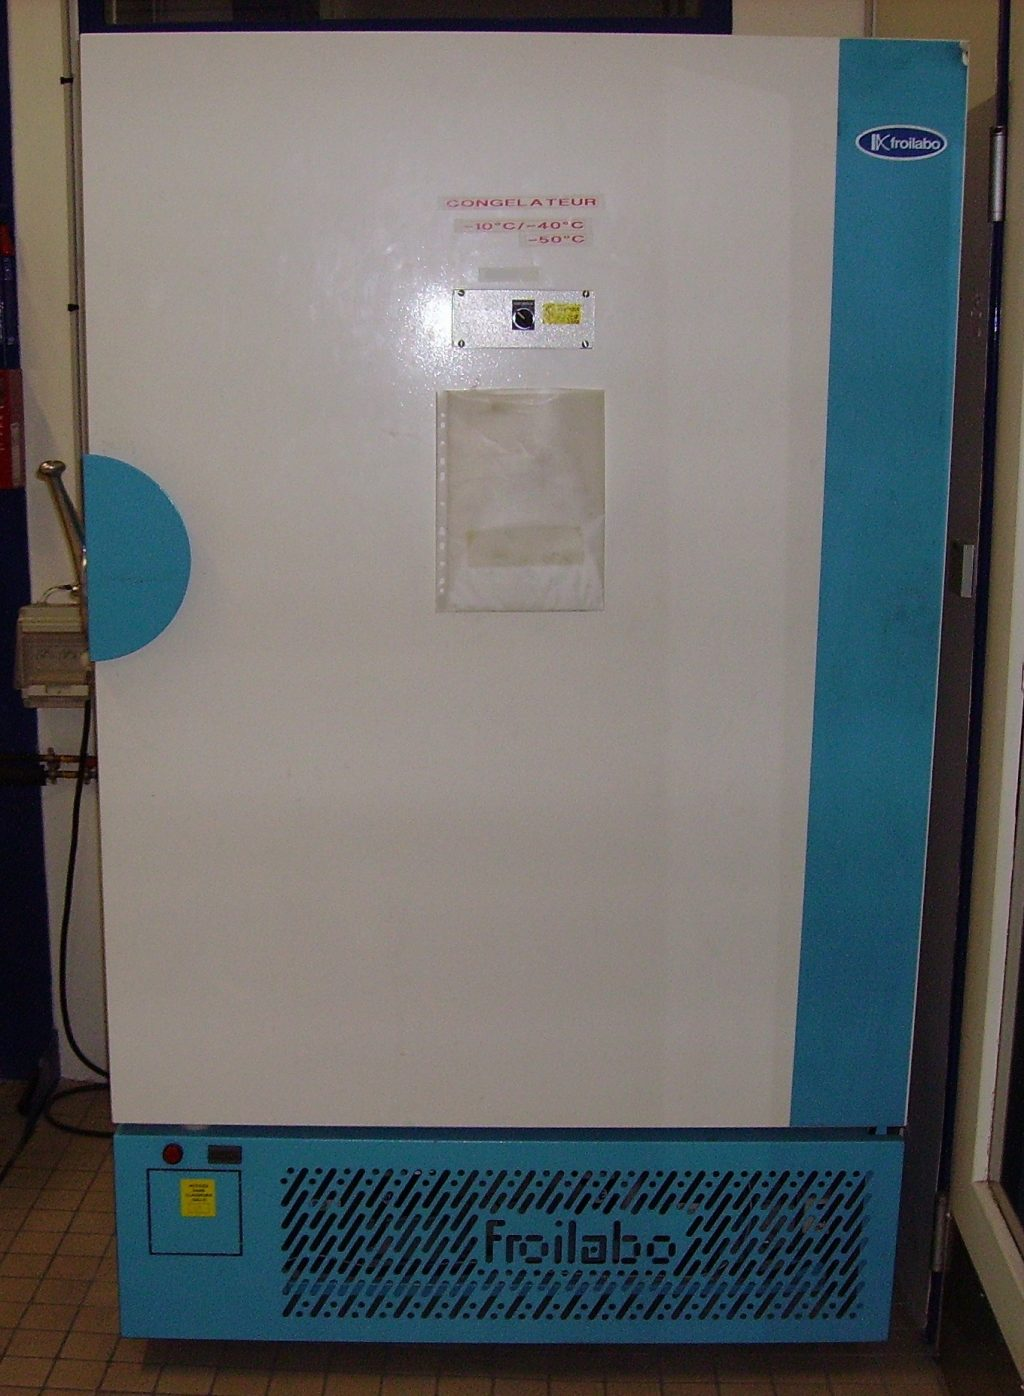 freezer congélateur